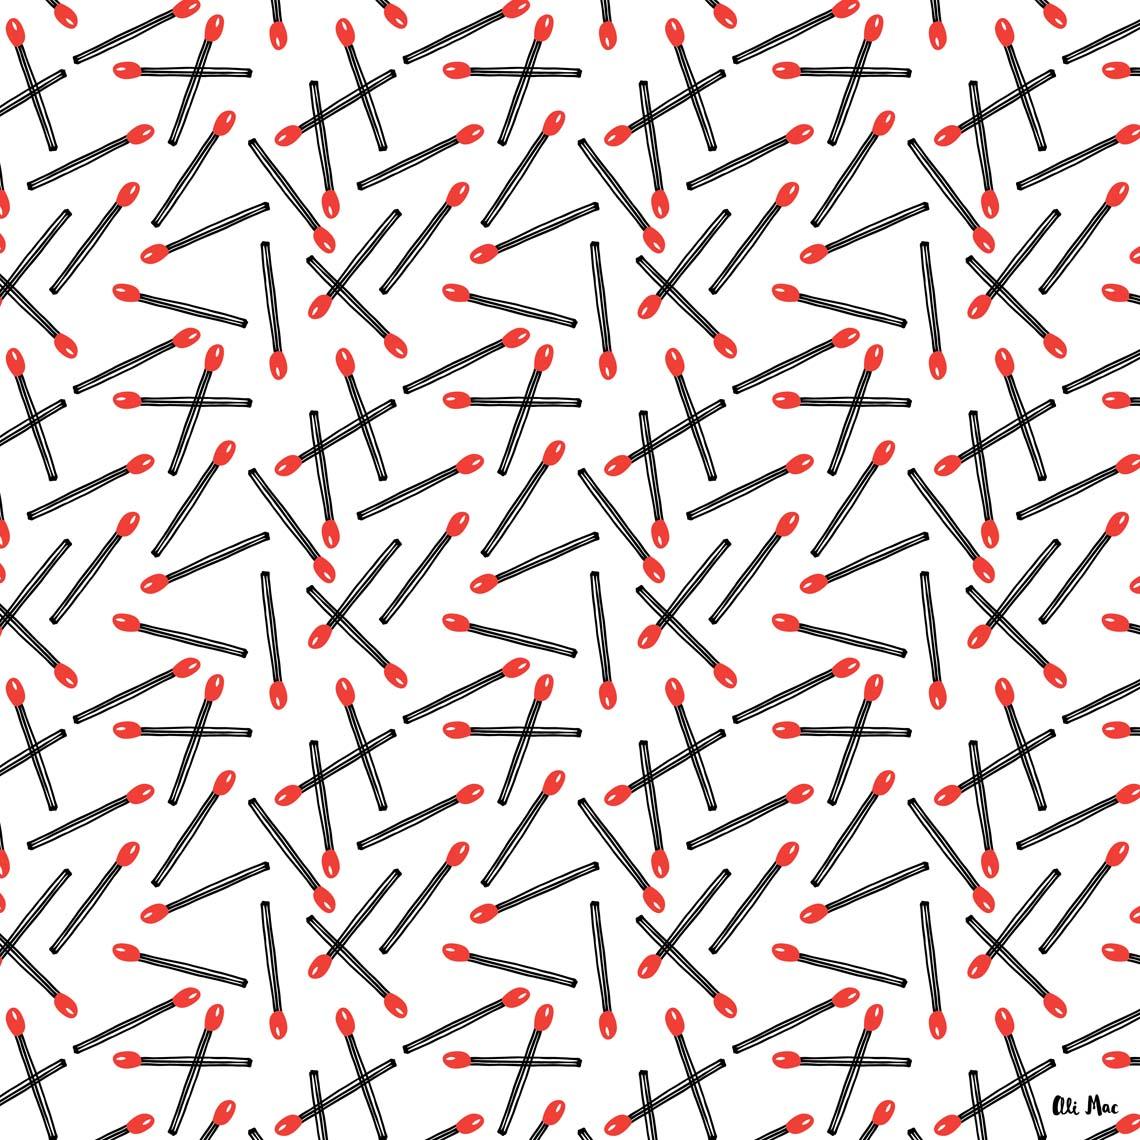 AliMac_Pattern-10.jpg